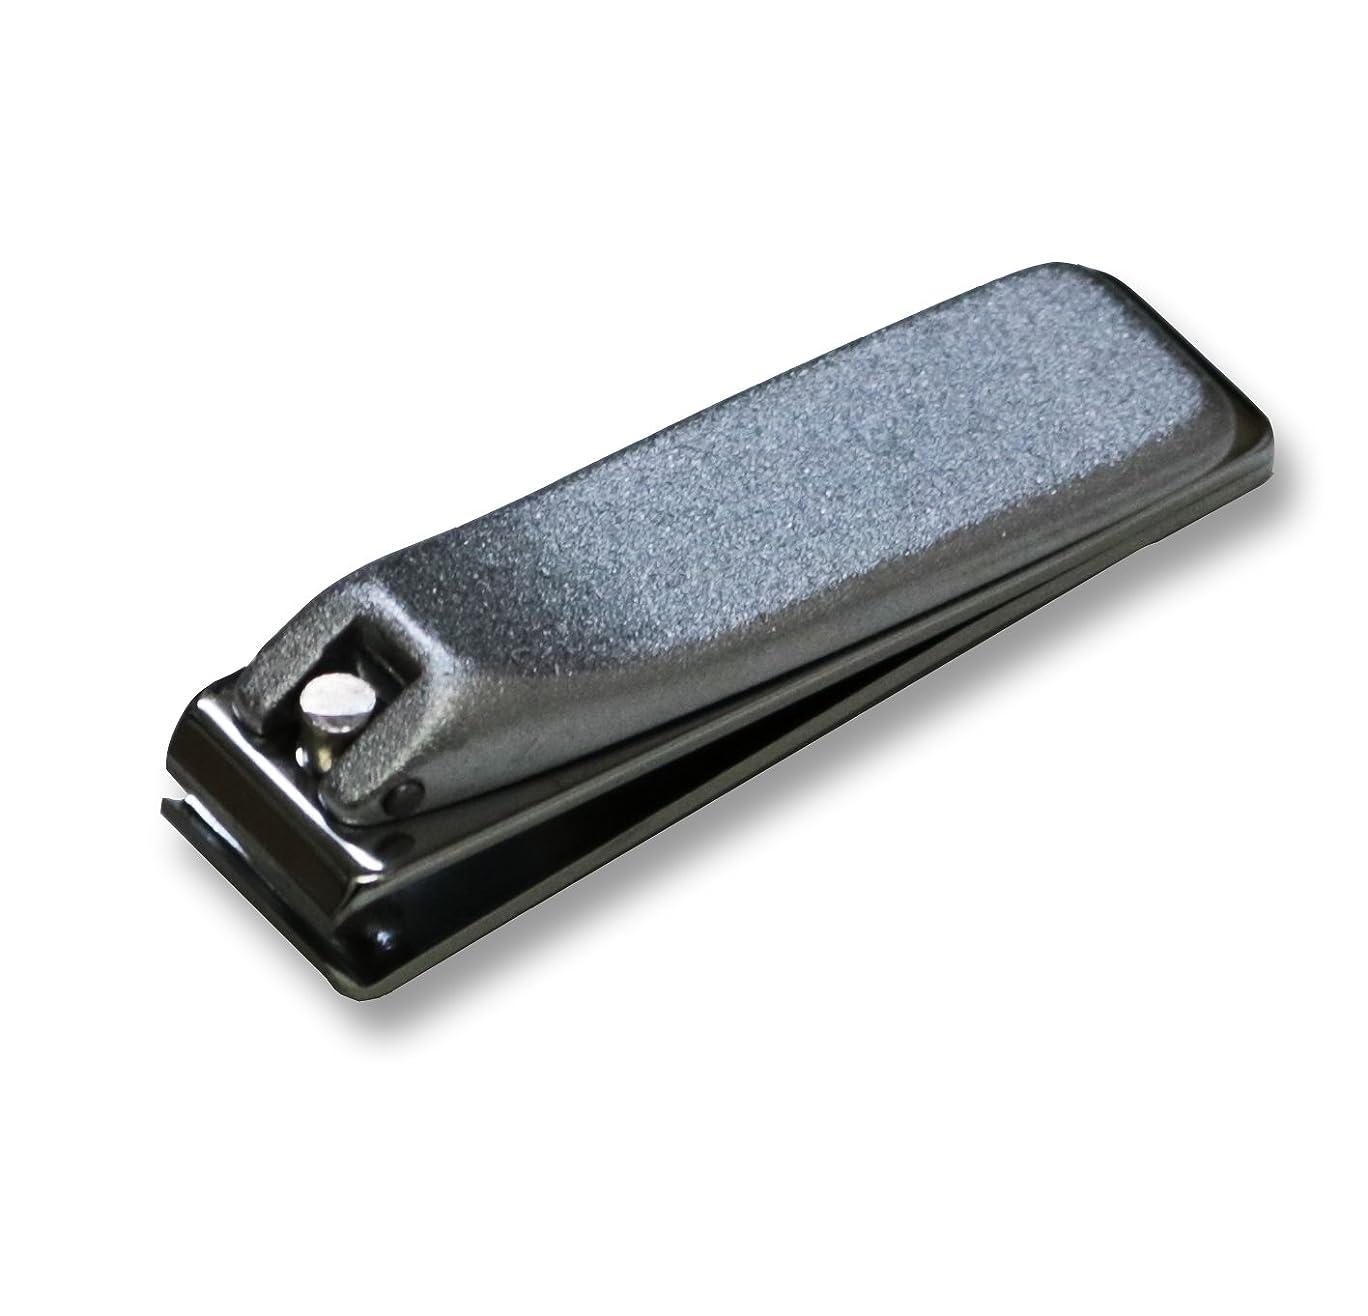 話にはまって圧縮するKD-035 関の刃物 クローム爪切 直刃 小 カバー無